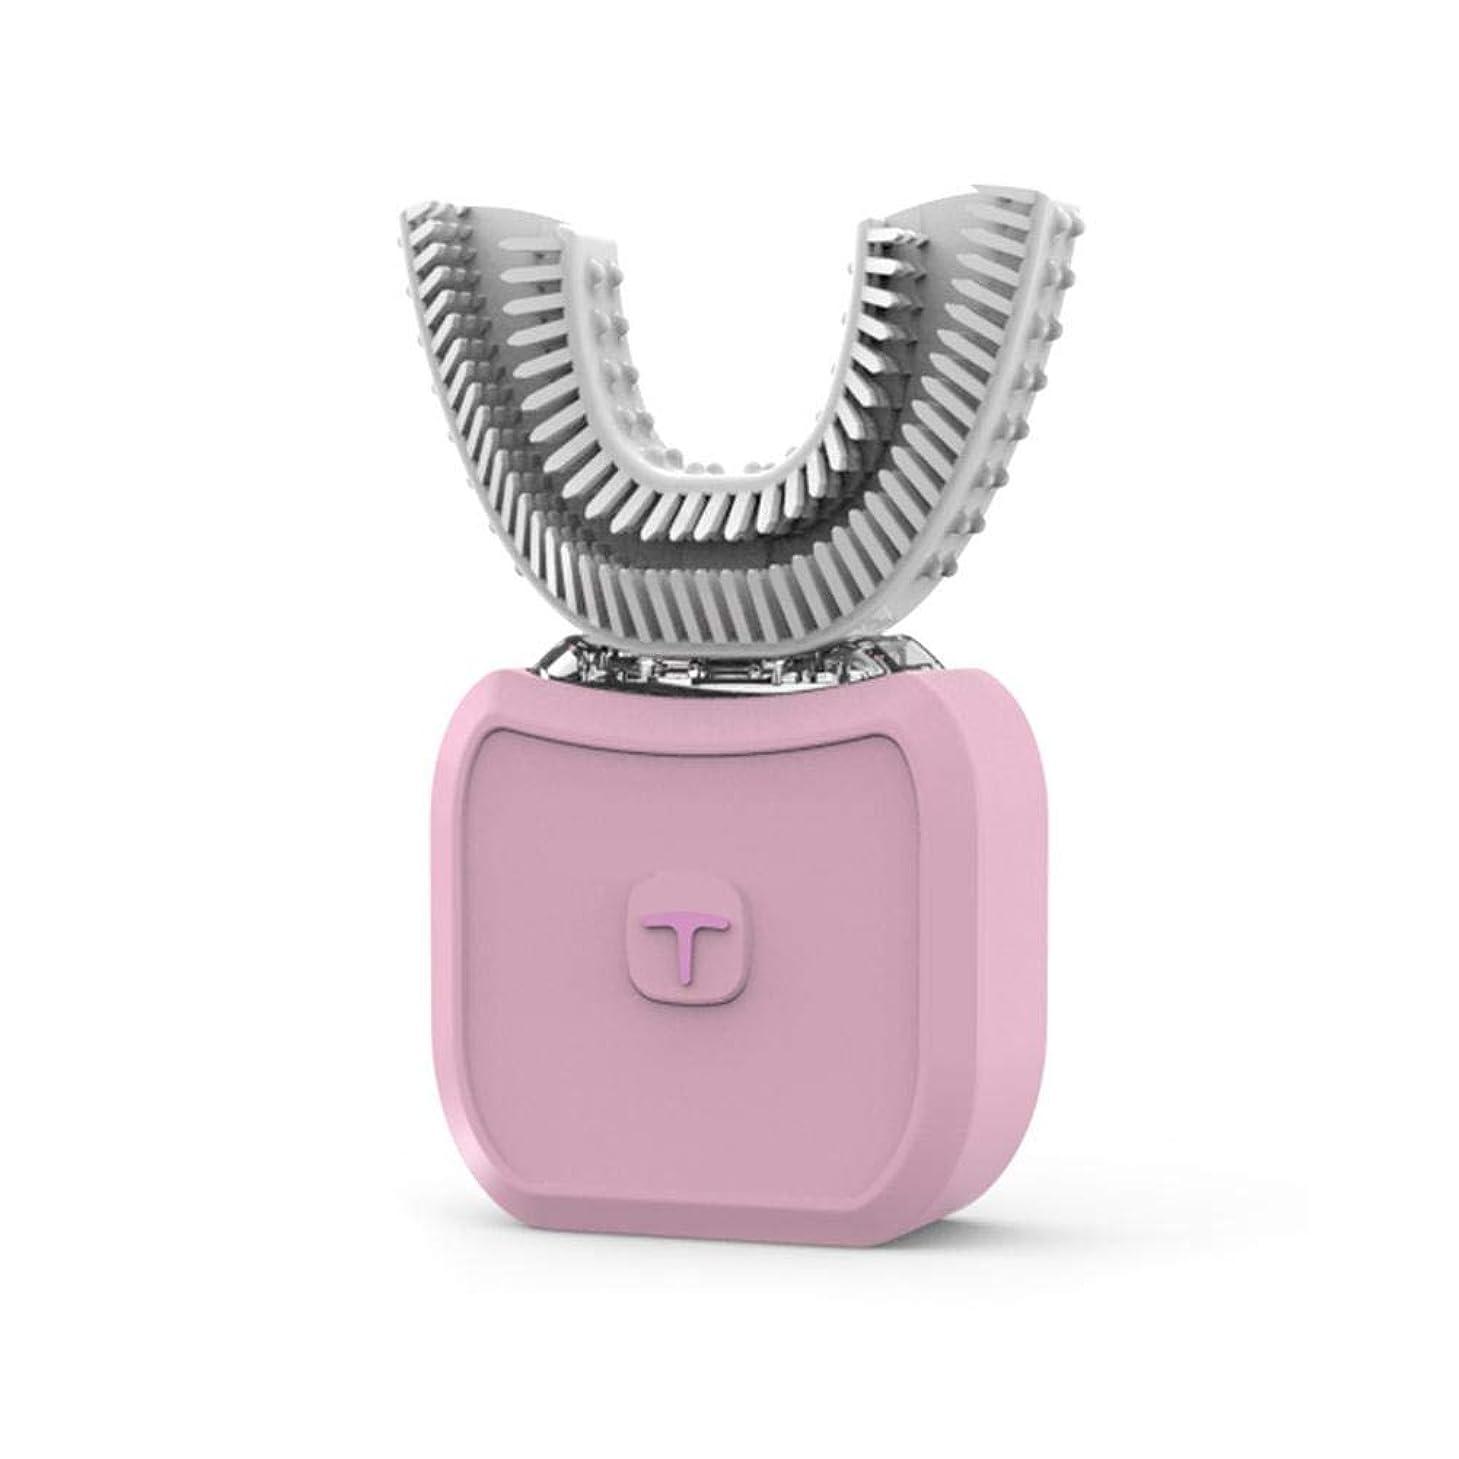 竜巻冷蔵庫魅力U型電動歯ブラシ 超音波自動歯ブラシ 360°包囲清掃歯 怠け者歯ブラシ USB充電 IPX7防水 電動歯ブラシ